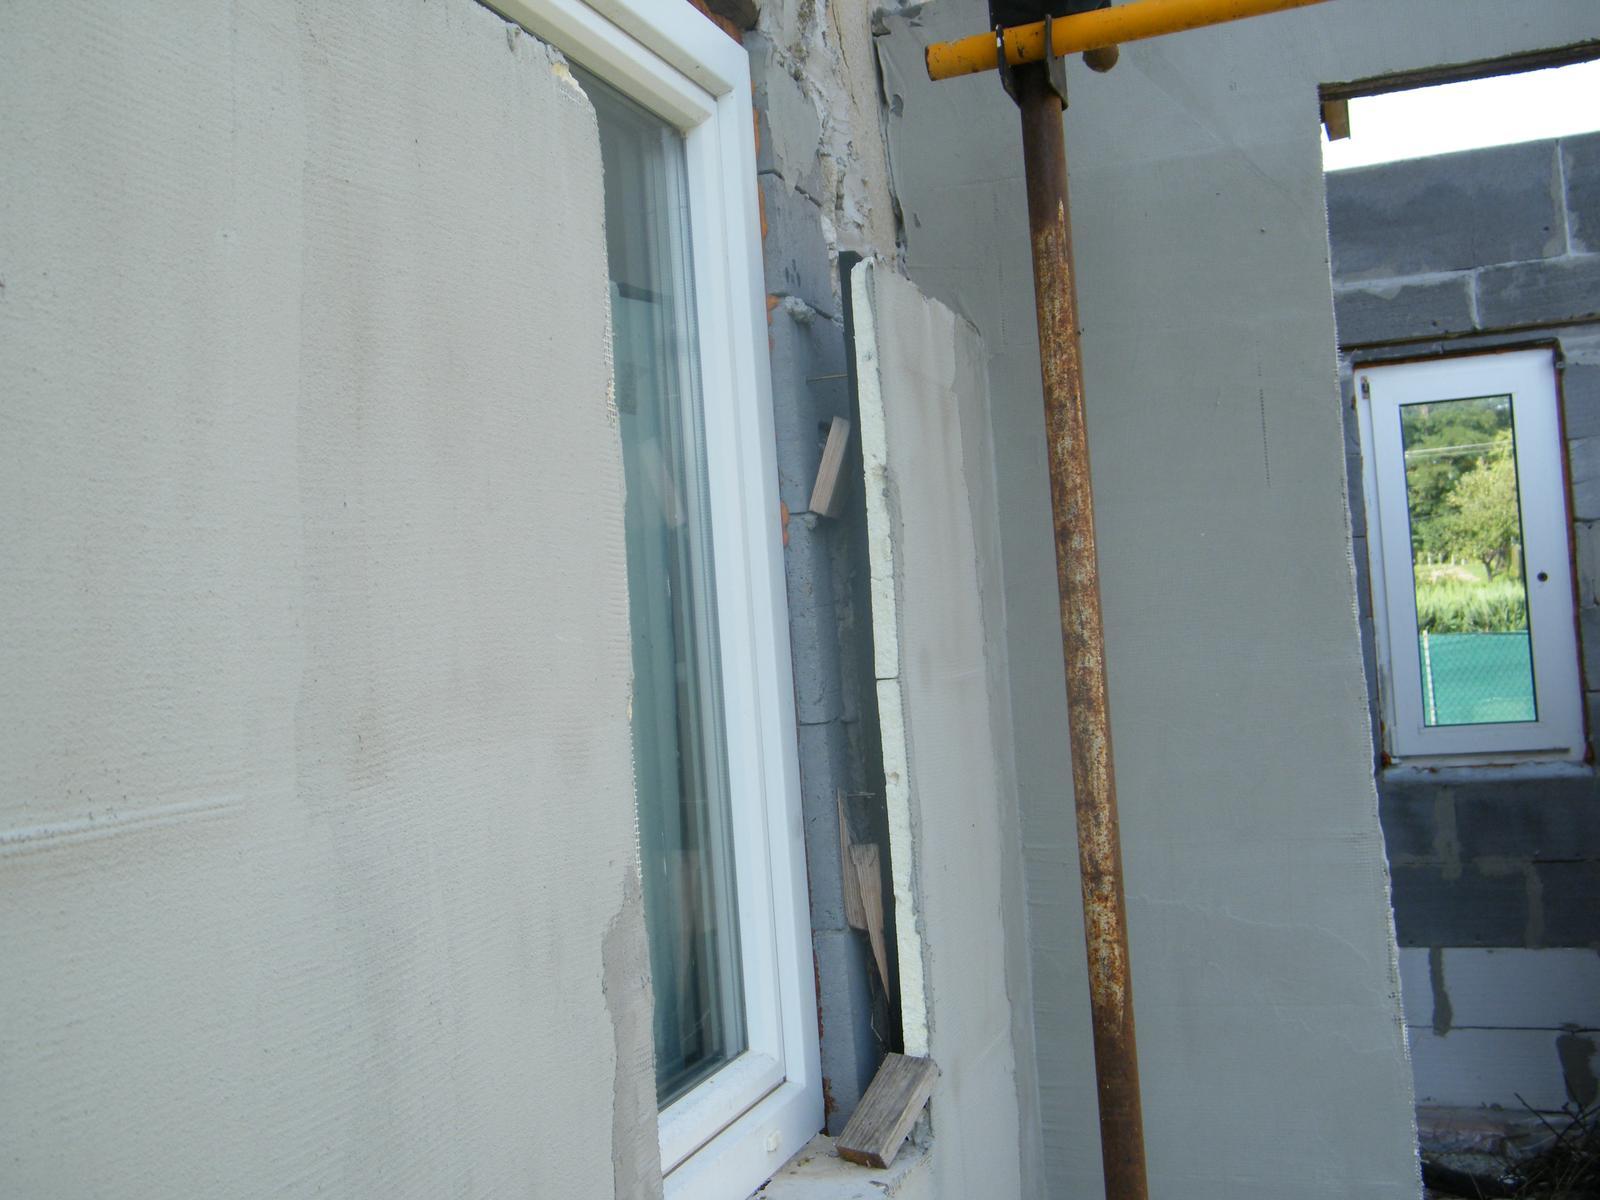 Aj takto sa rekonštruuje... - Ešte raz trochu detailnejší pohľad na realizáciu polystyrénovej fasády